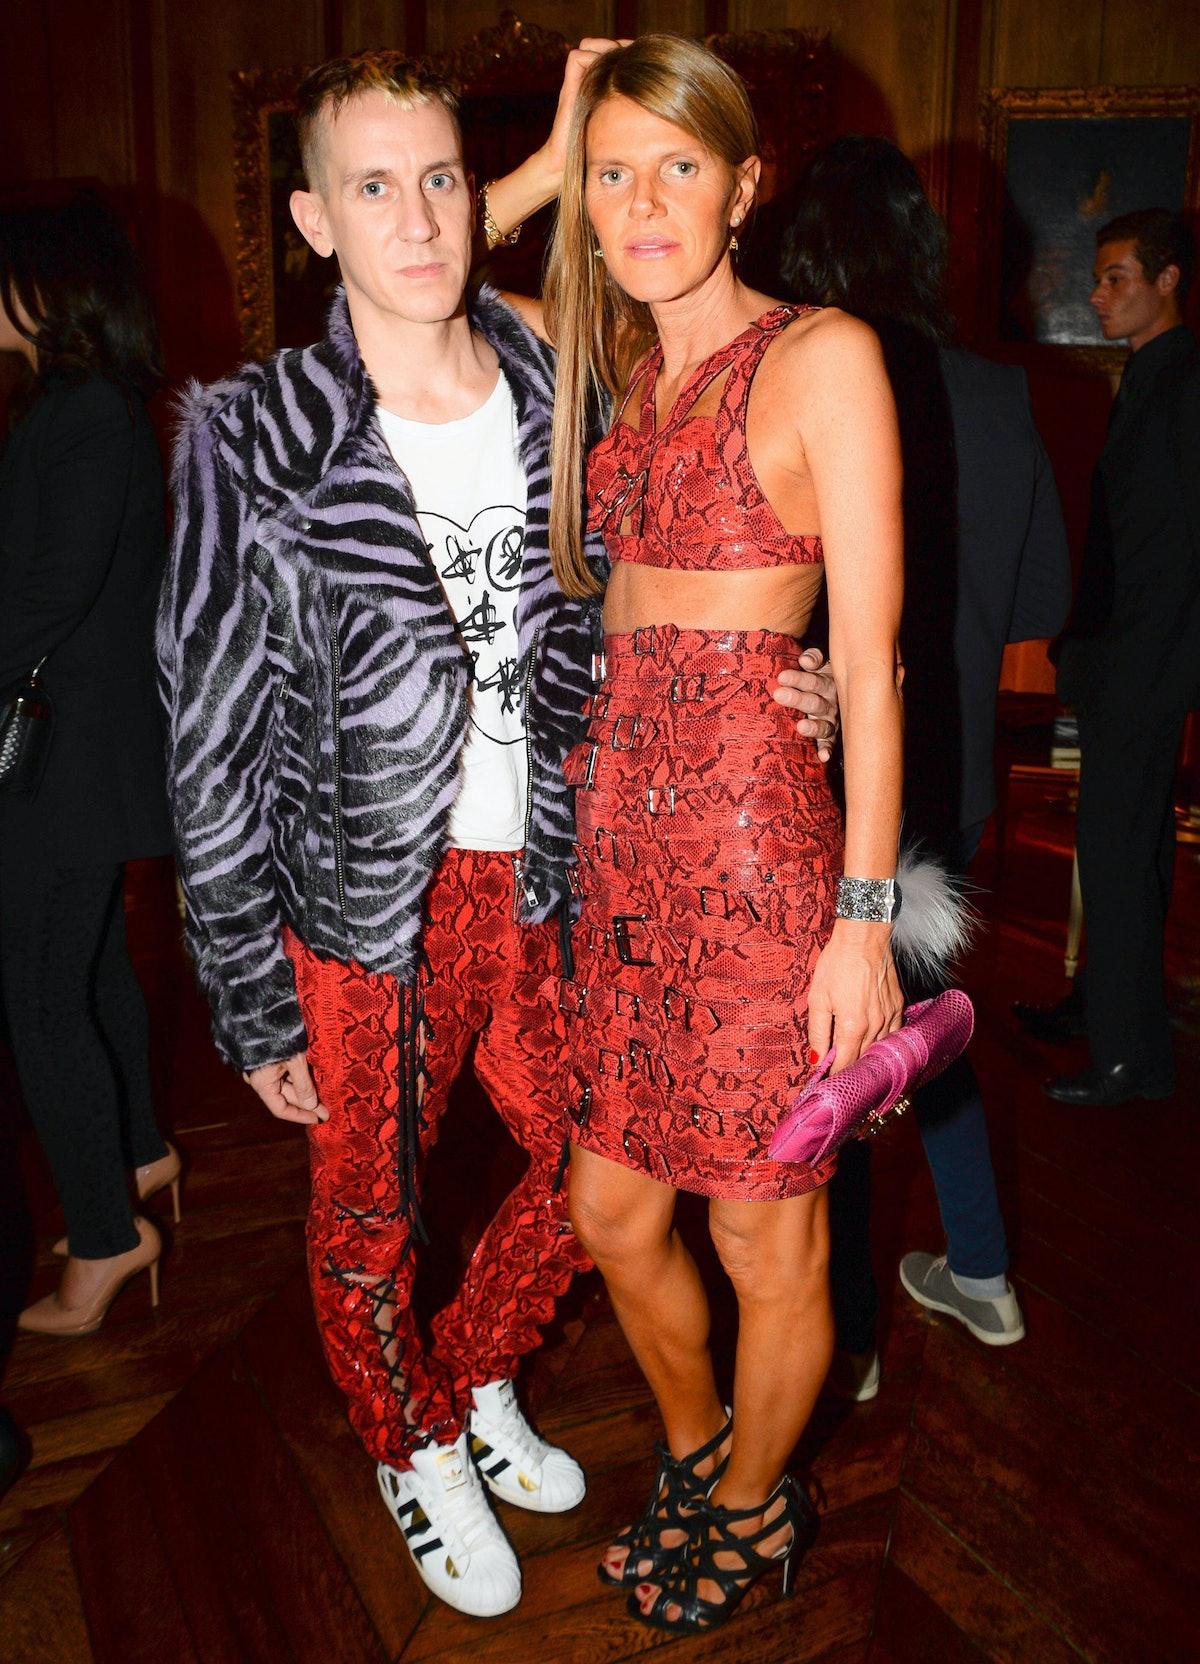 Jeremy Scott and Anna dello Russo. Photo by BFAnyc.com.